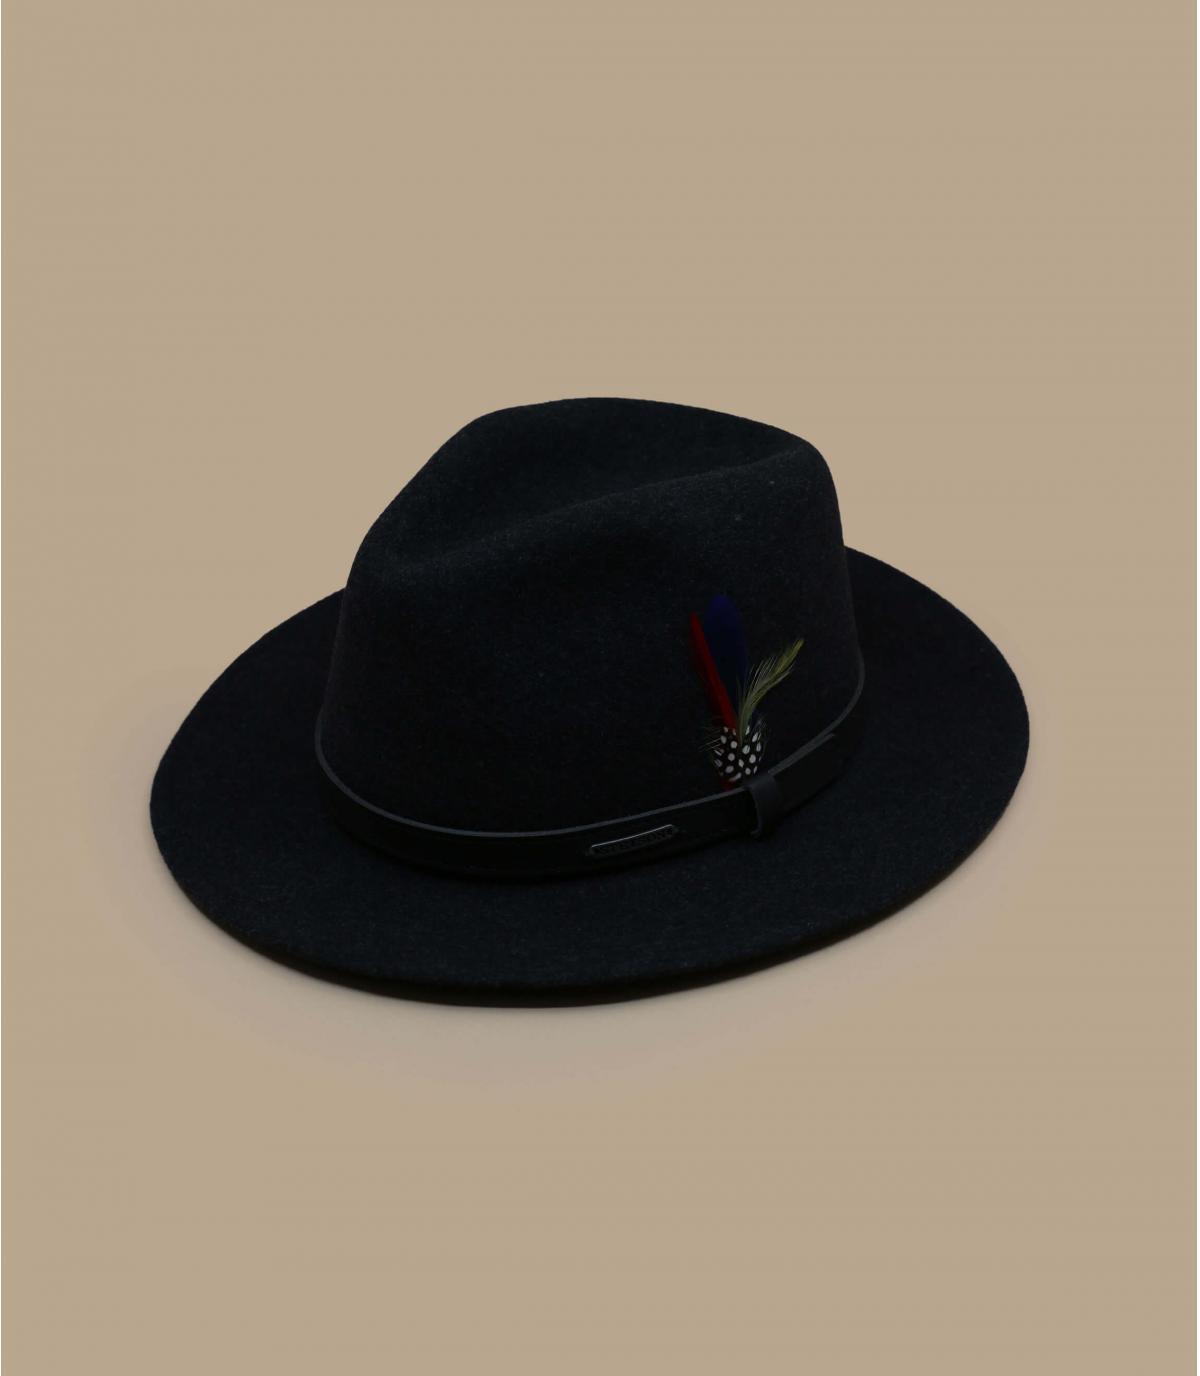 lana cappello di feltro nero